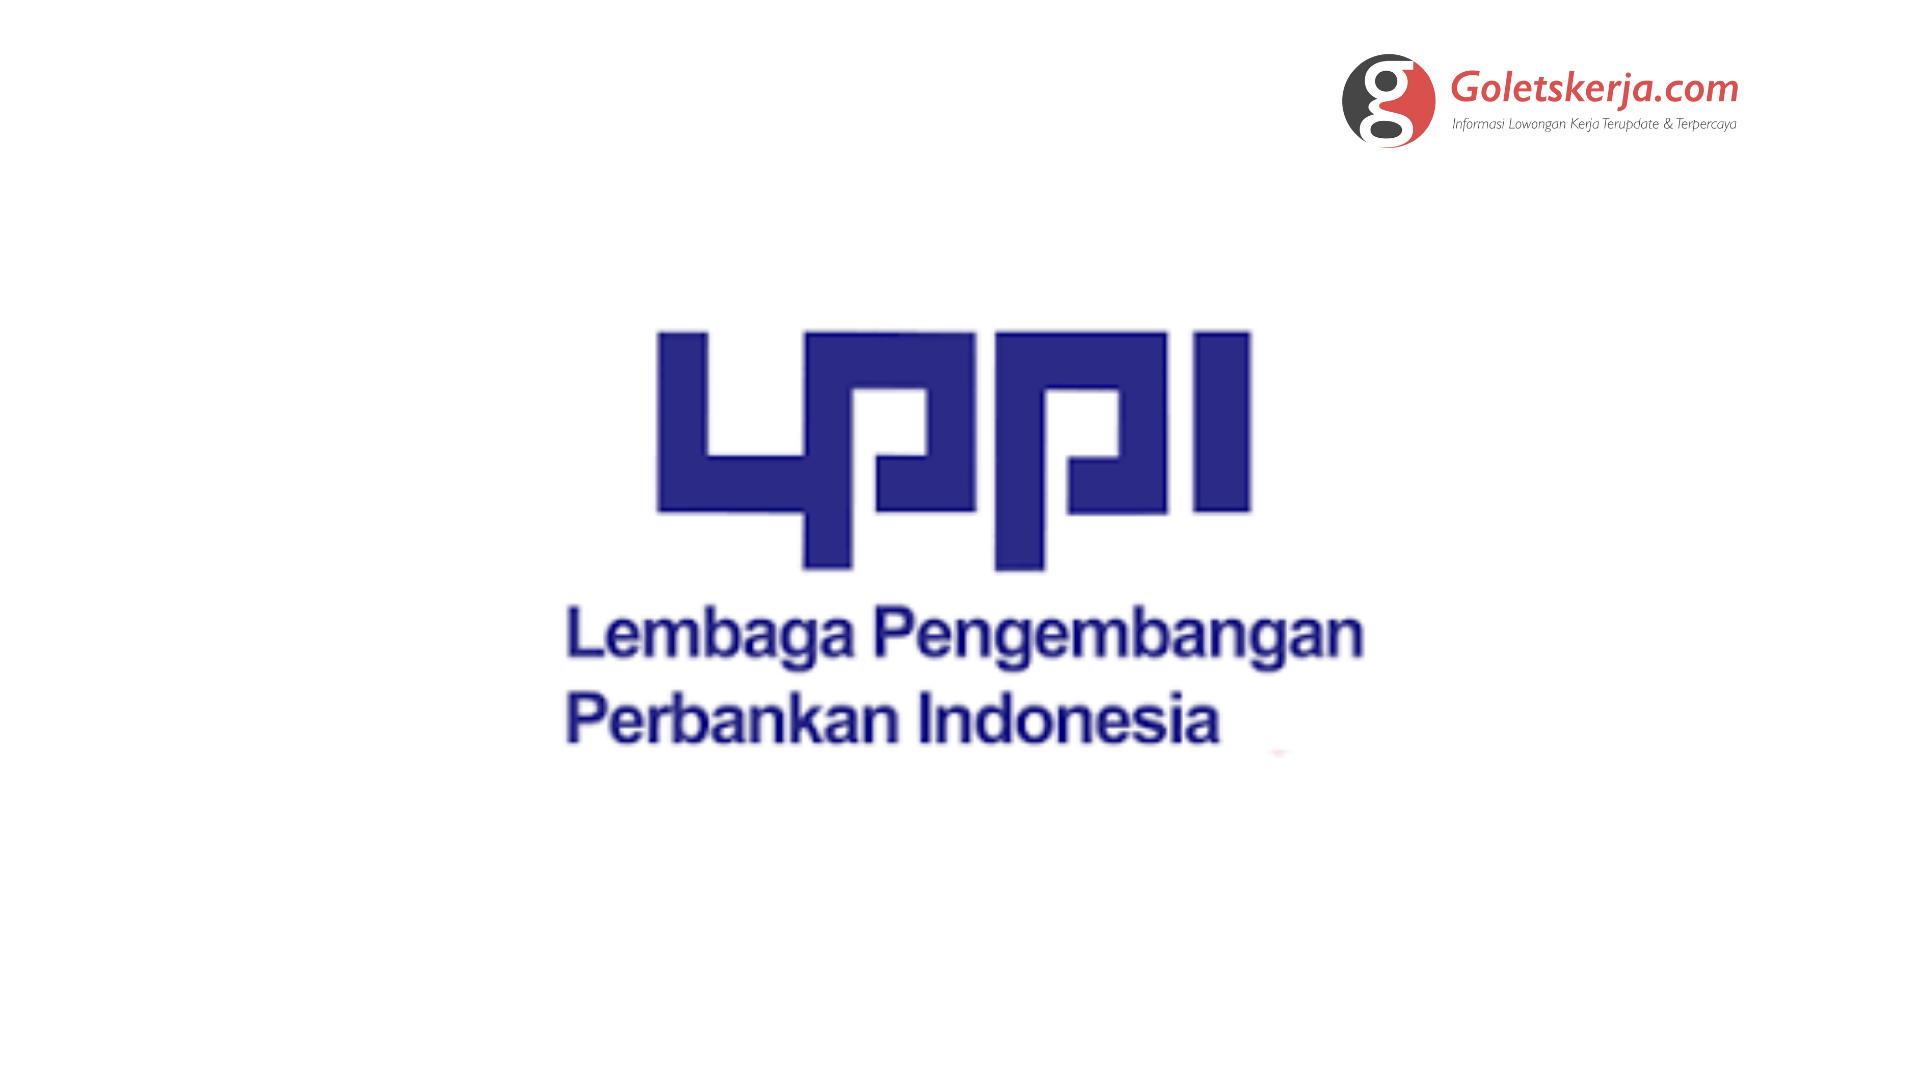 Lowongan Kerja Lembaga Pengembangan Perbankan Indonesia (LPPI)